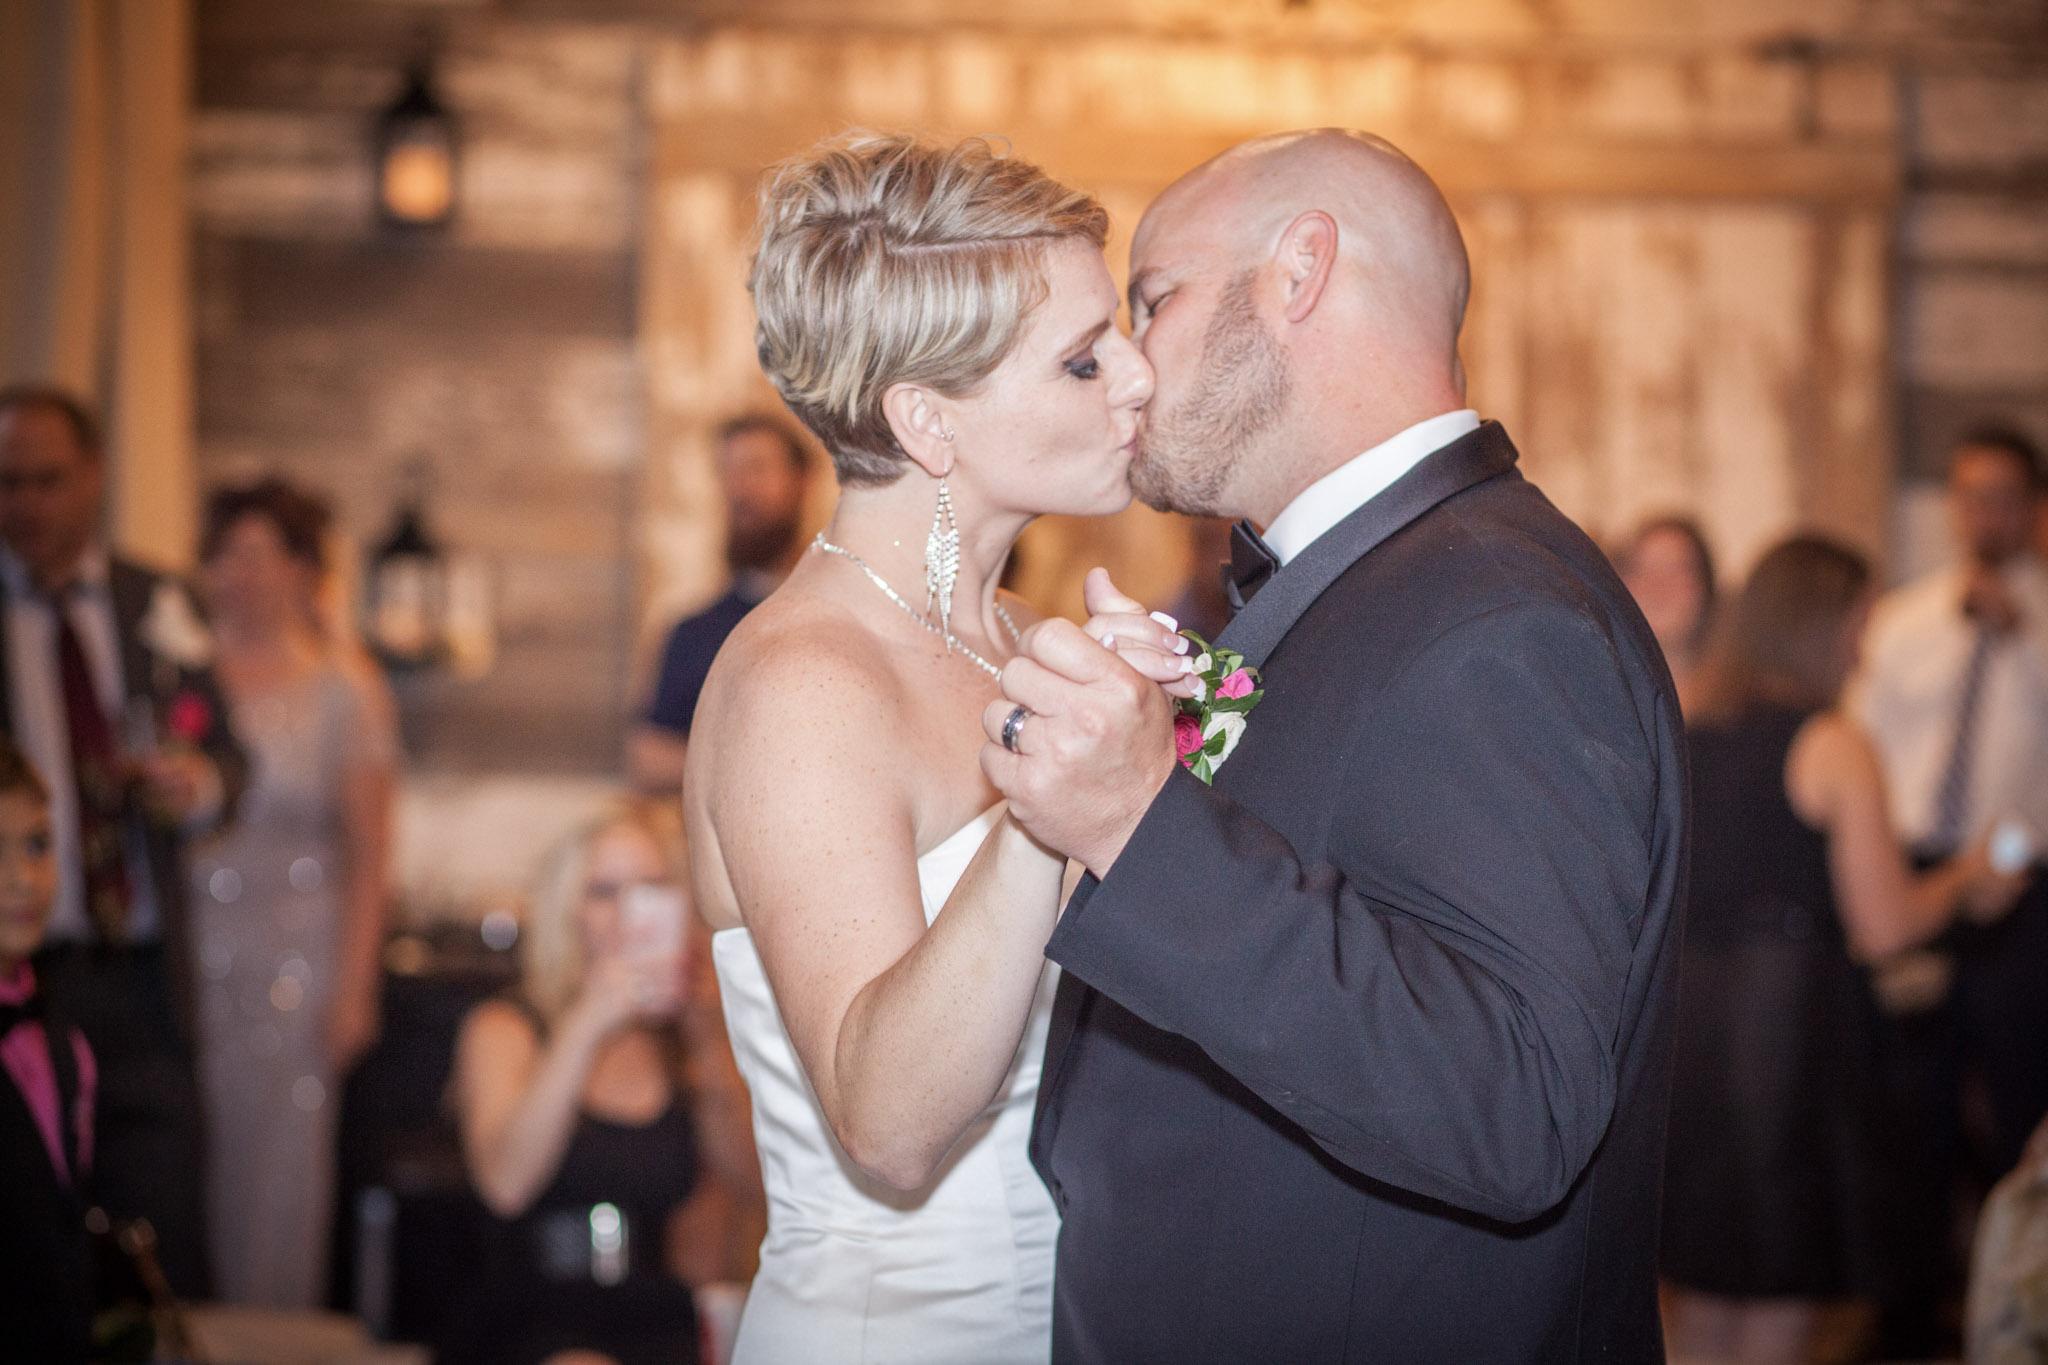 Kansas+City-Small+Wedding-Elope_Intimate_Ceremony_Melanie+David-3-.jpg